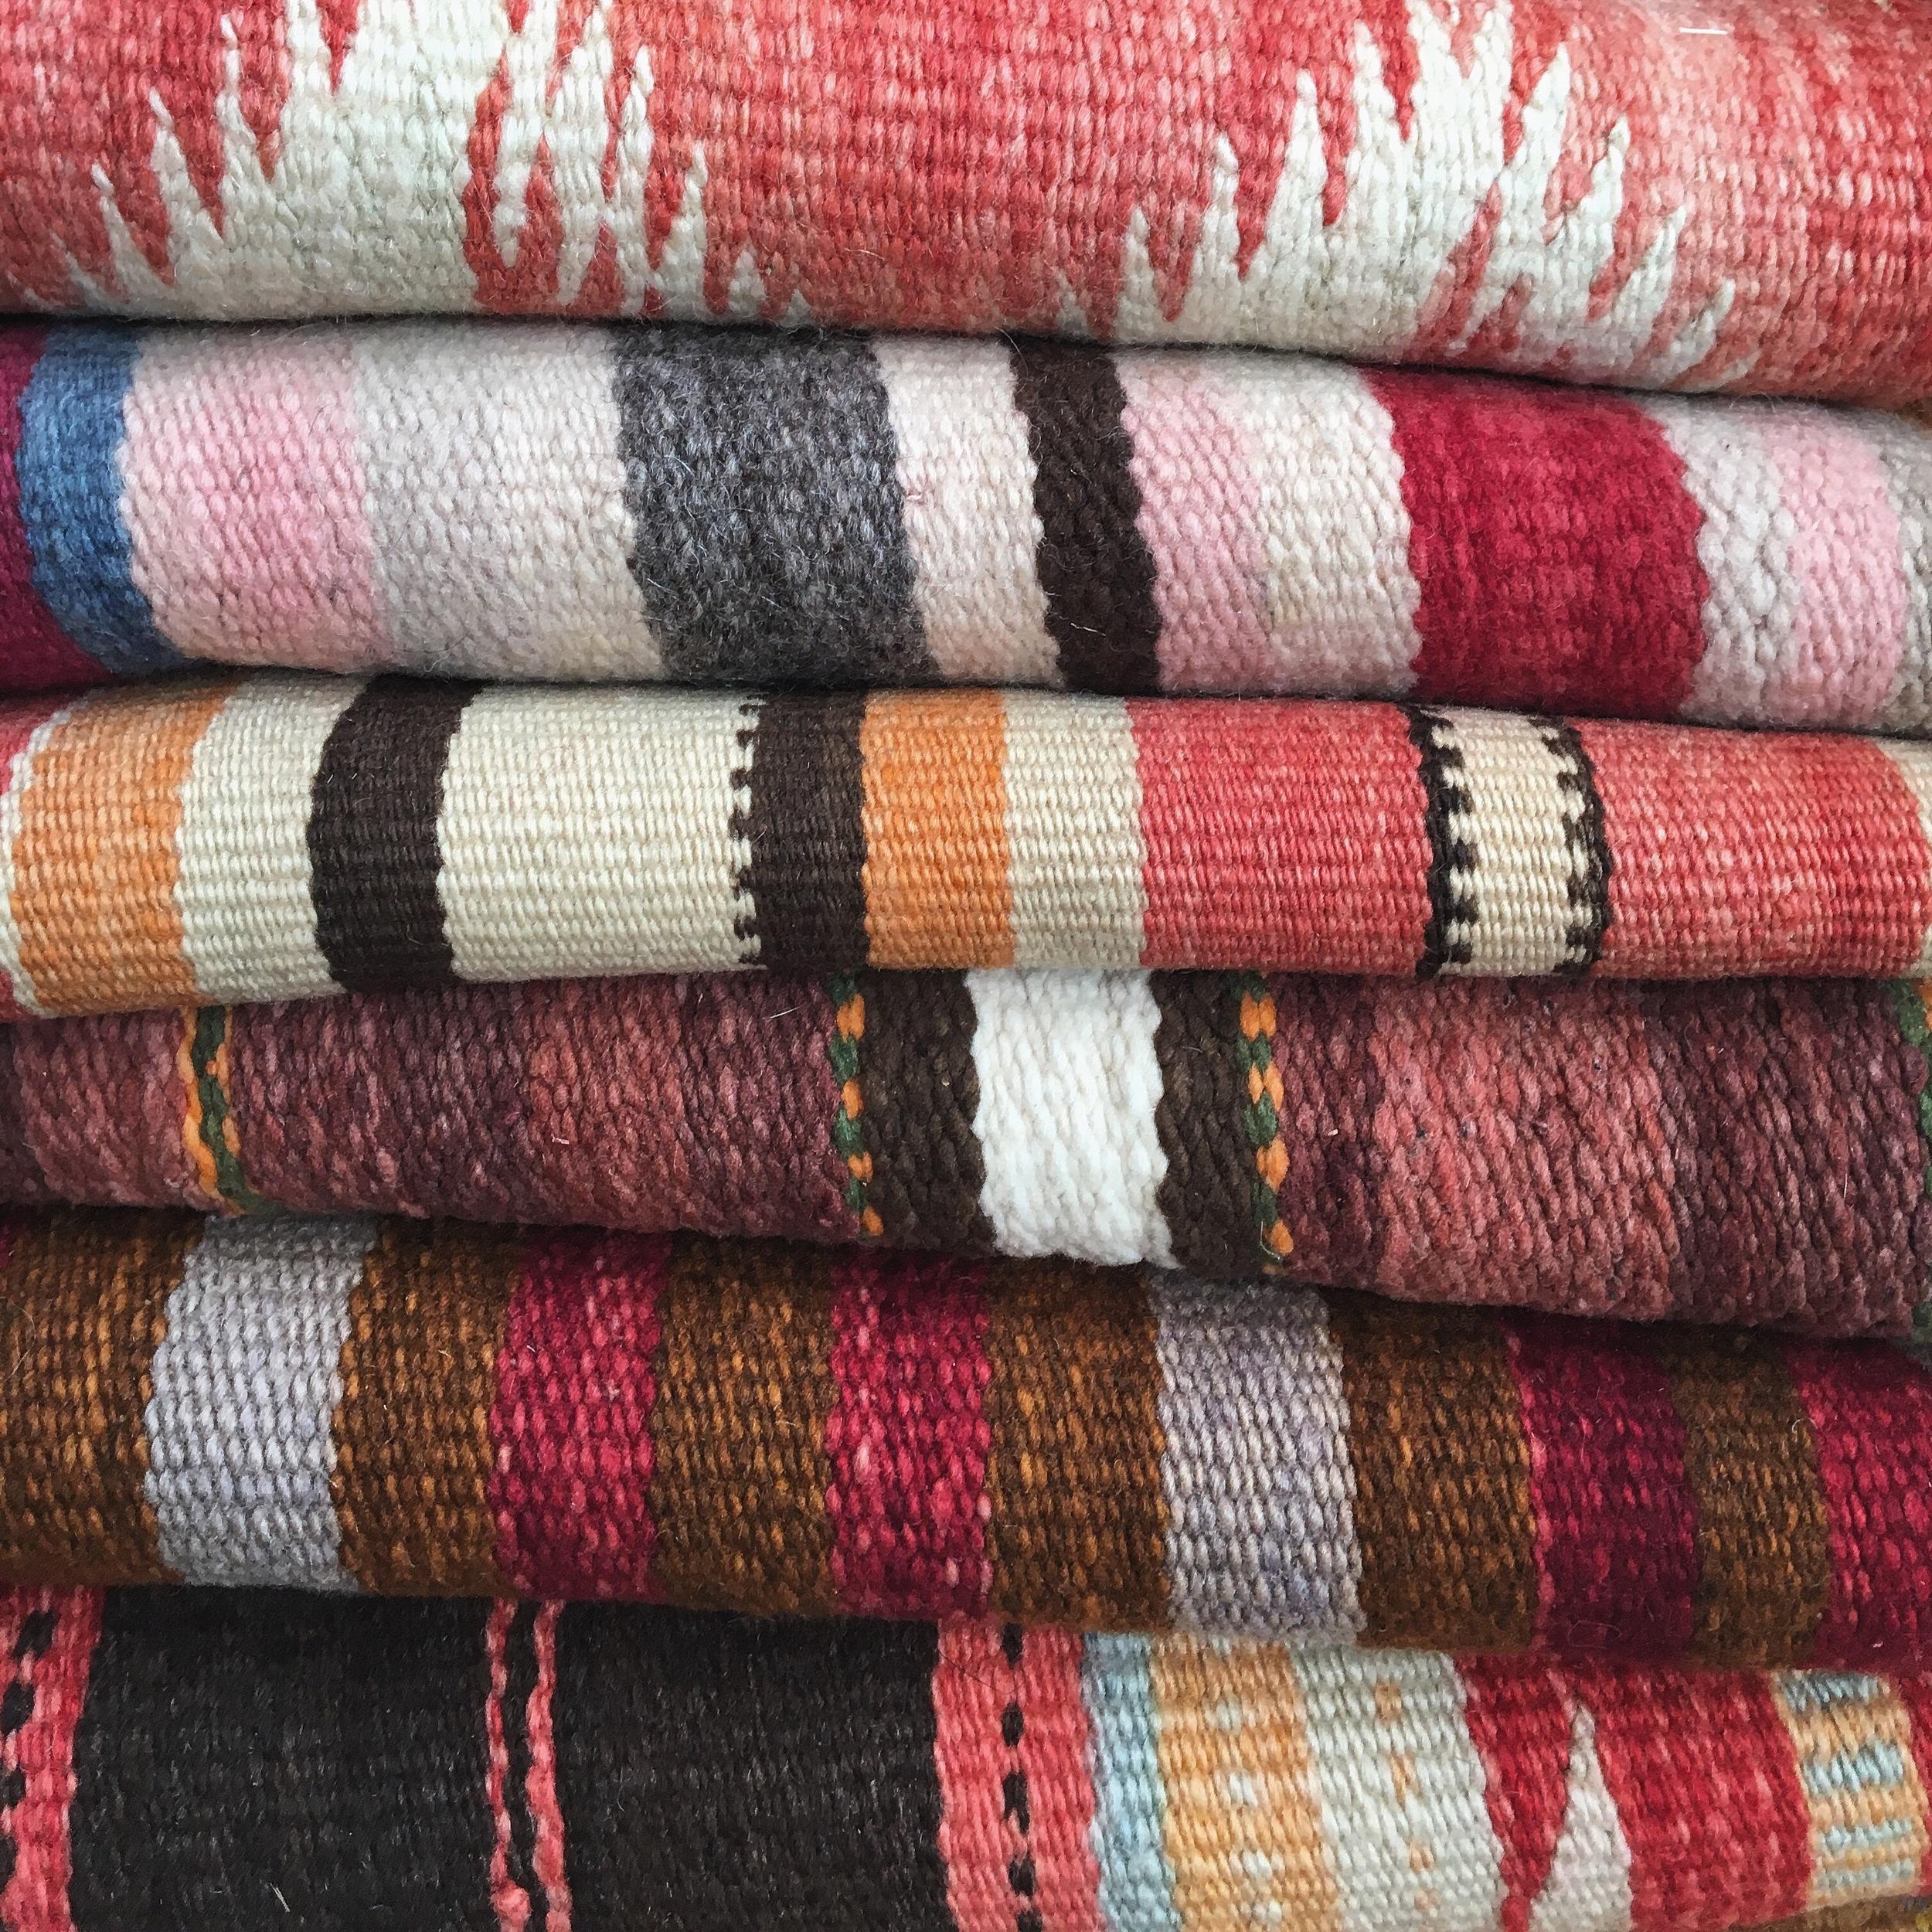 Shiprock, Santa Fe. Old Navajo blankets